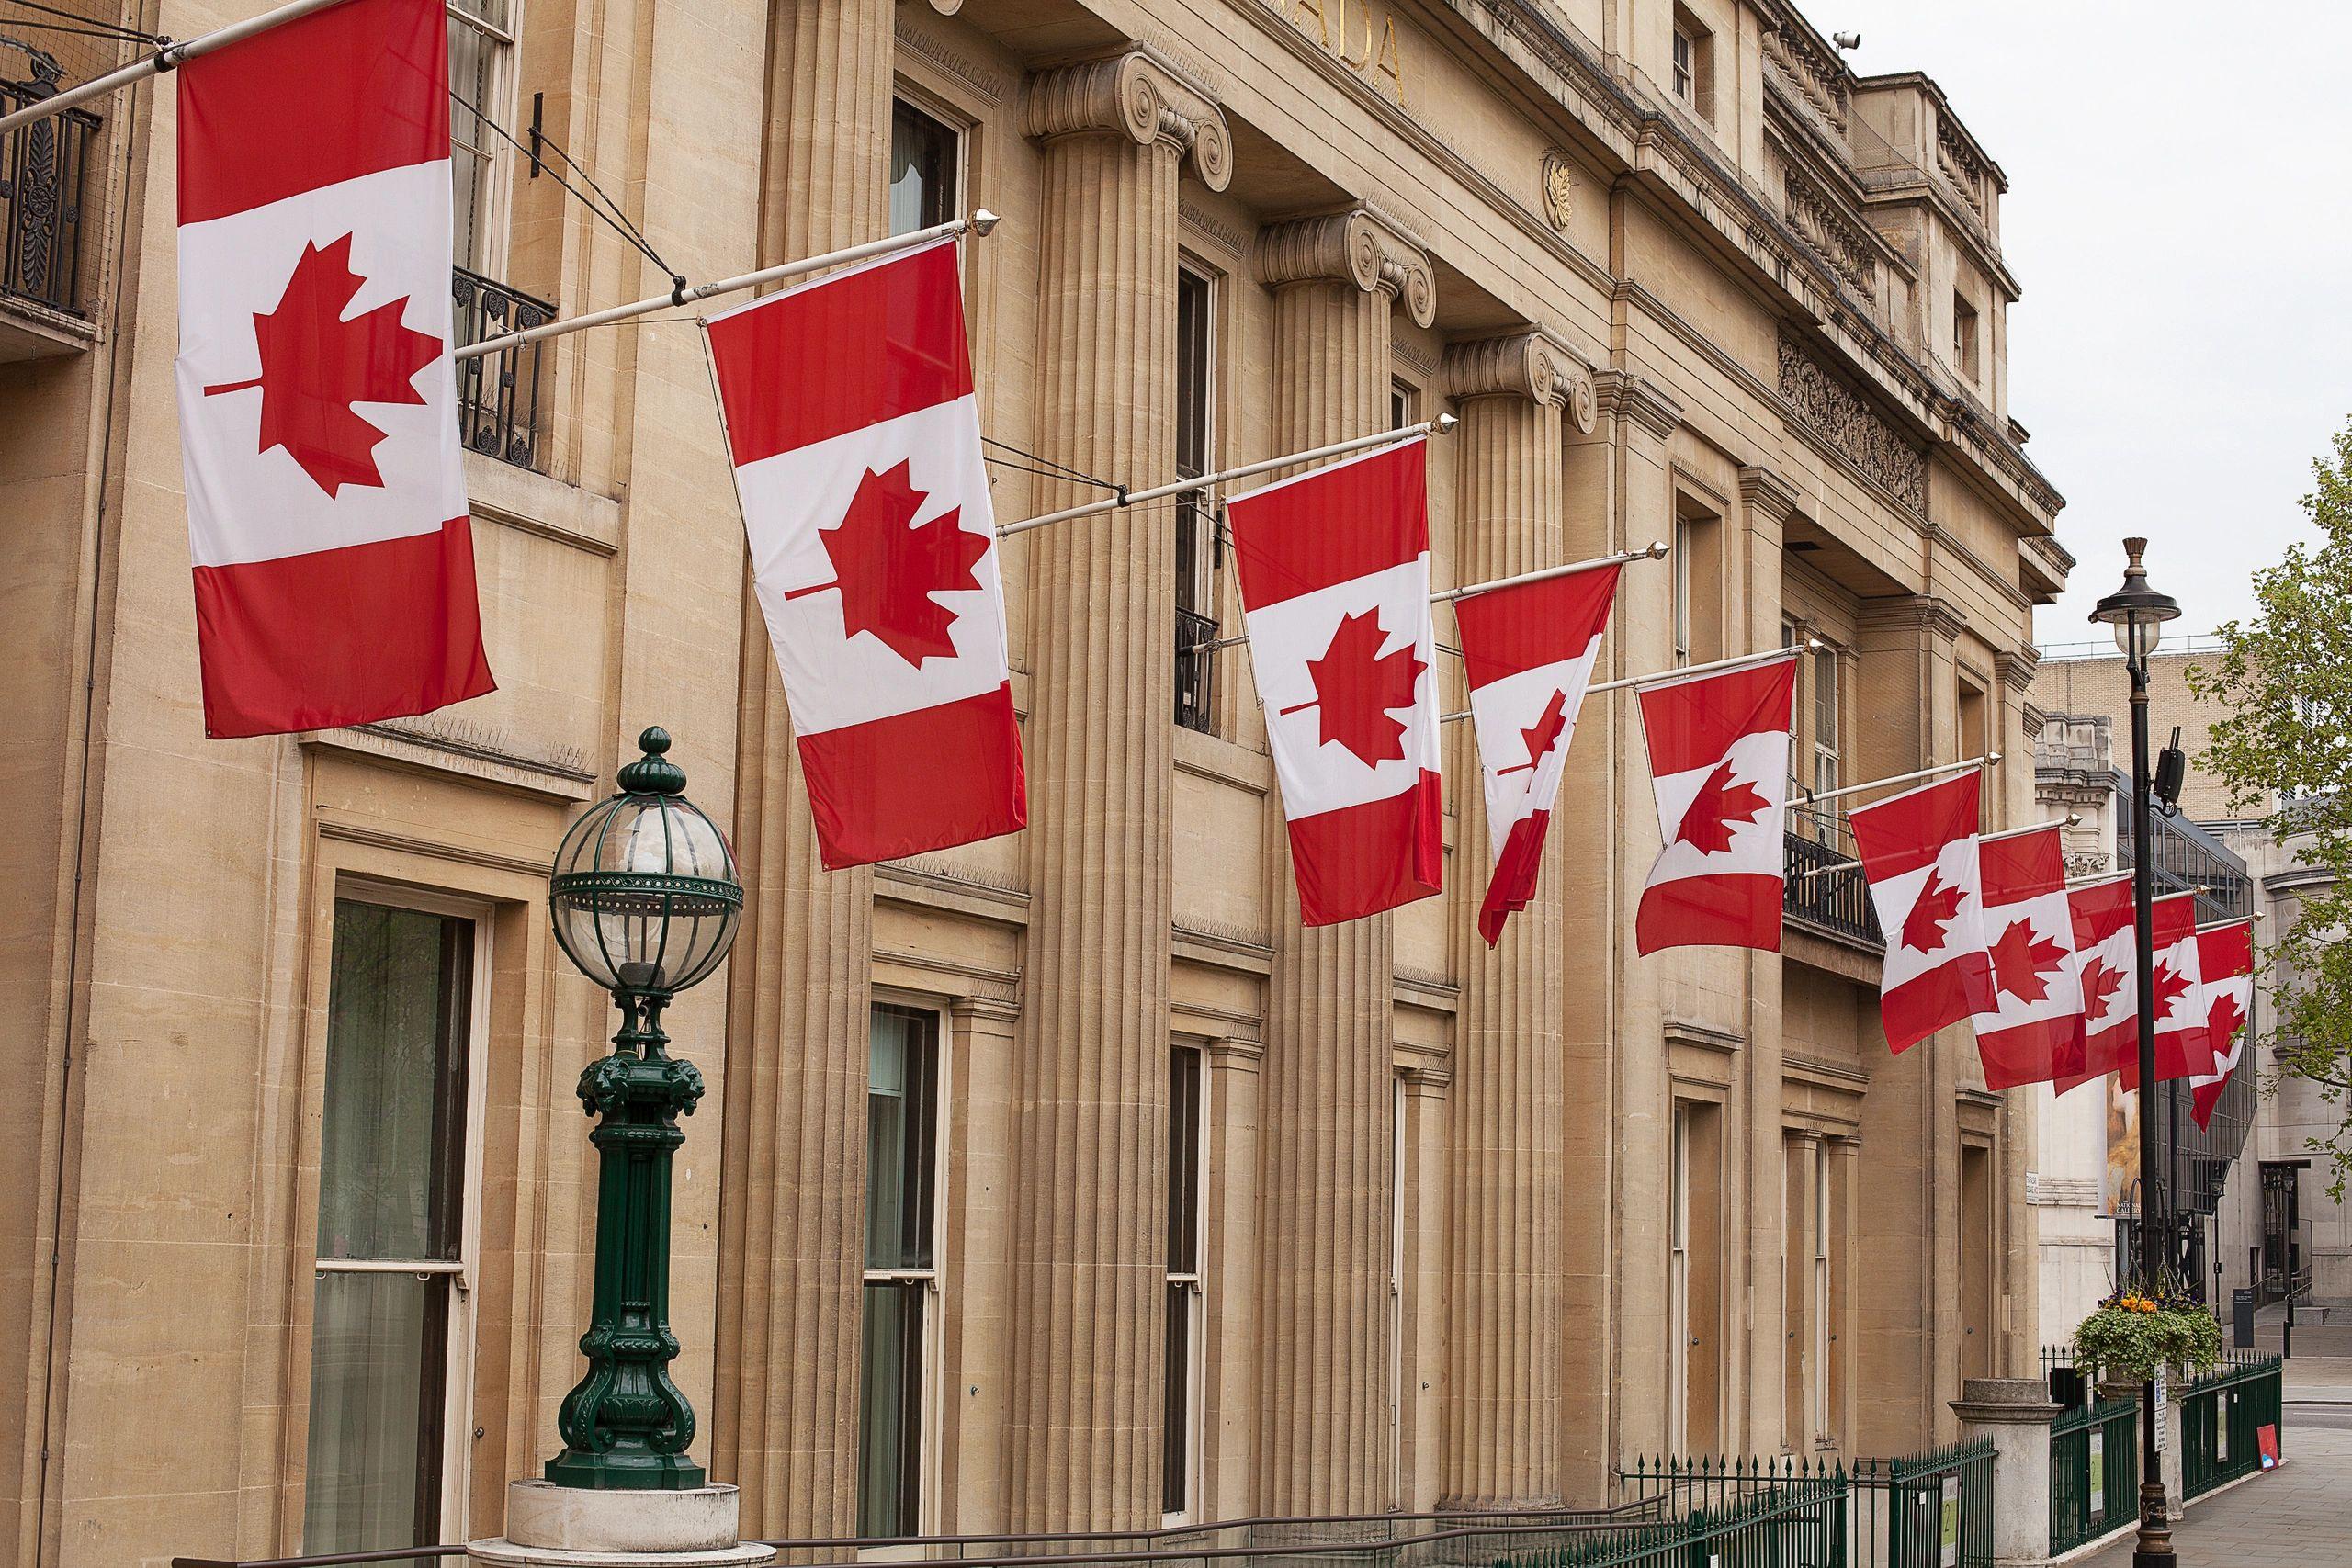 Các Bệnh Viện Tại Ở Alberta, New Brunswick, Manitoba, Ontario Và Saskatchewan Dẫn Đầu Bảng Xếp Hạng Bệnh Viện Top Đầu Ở Canada